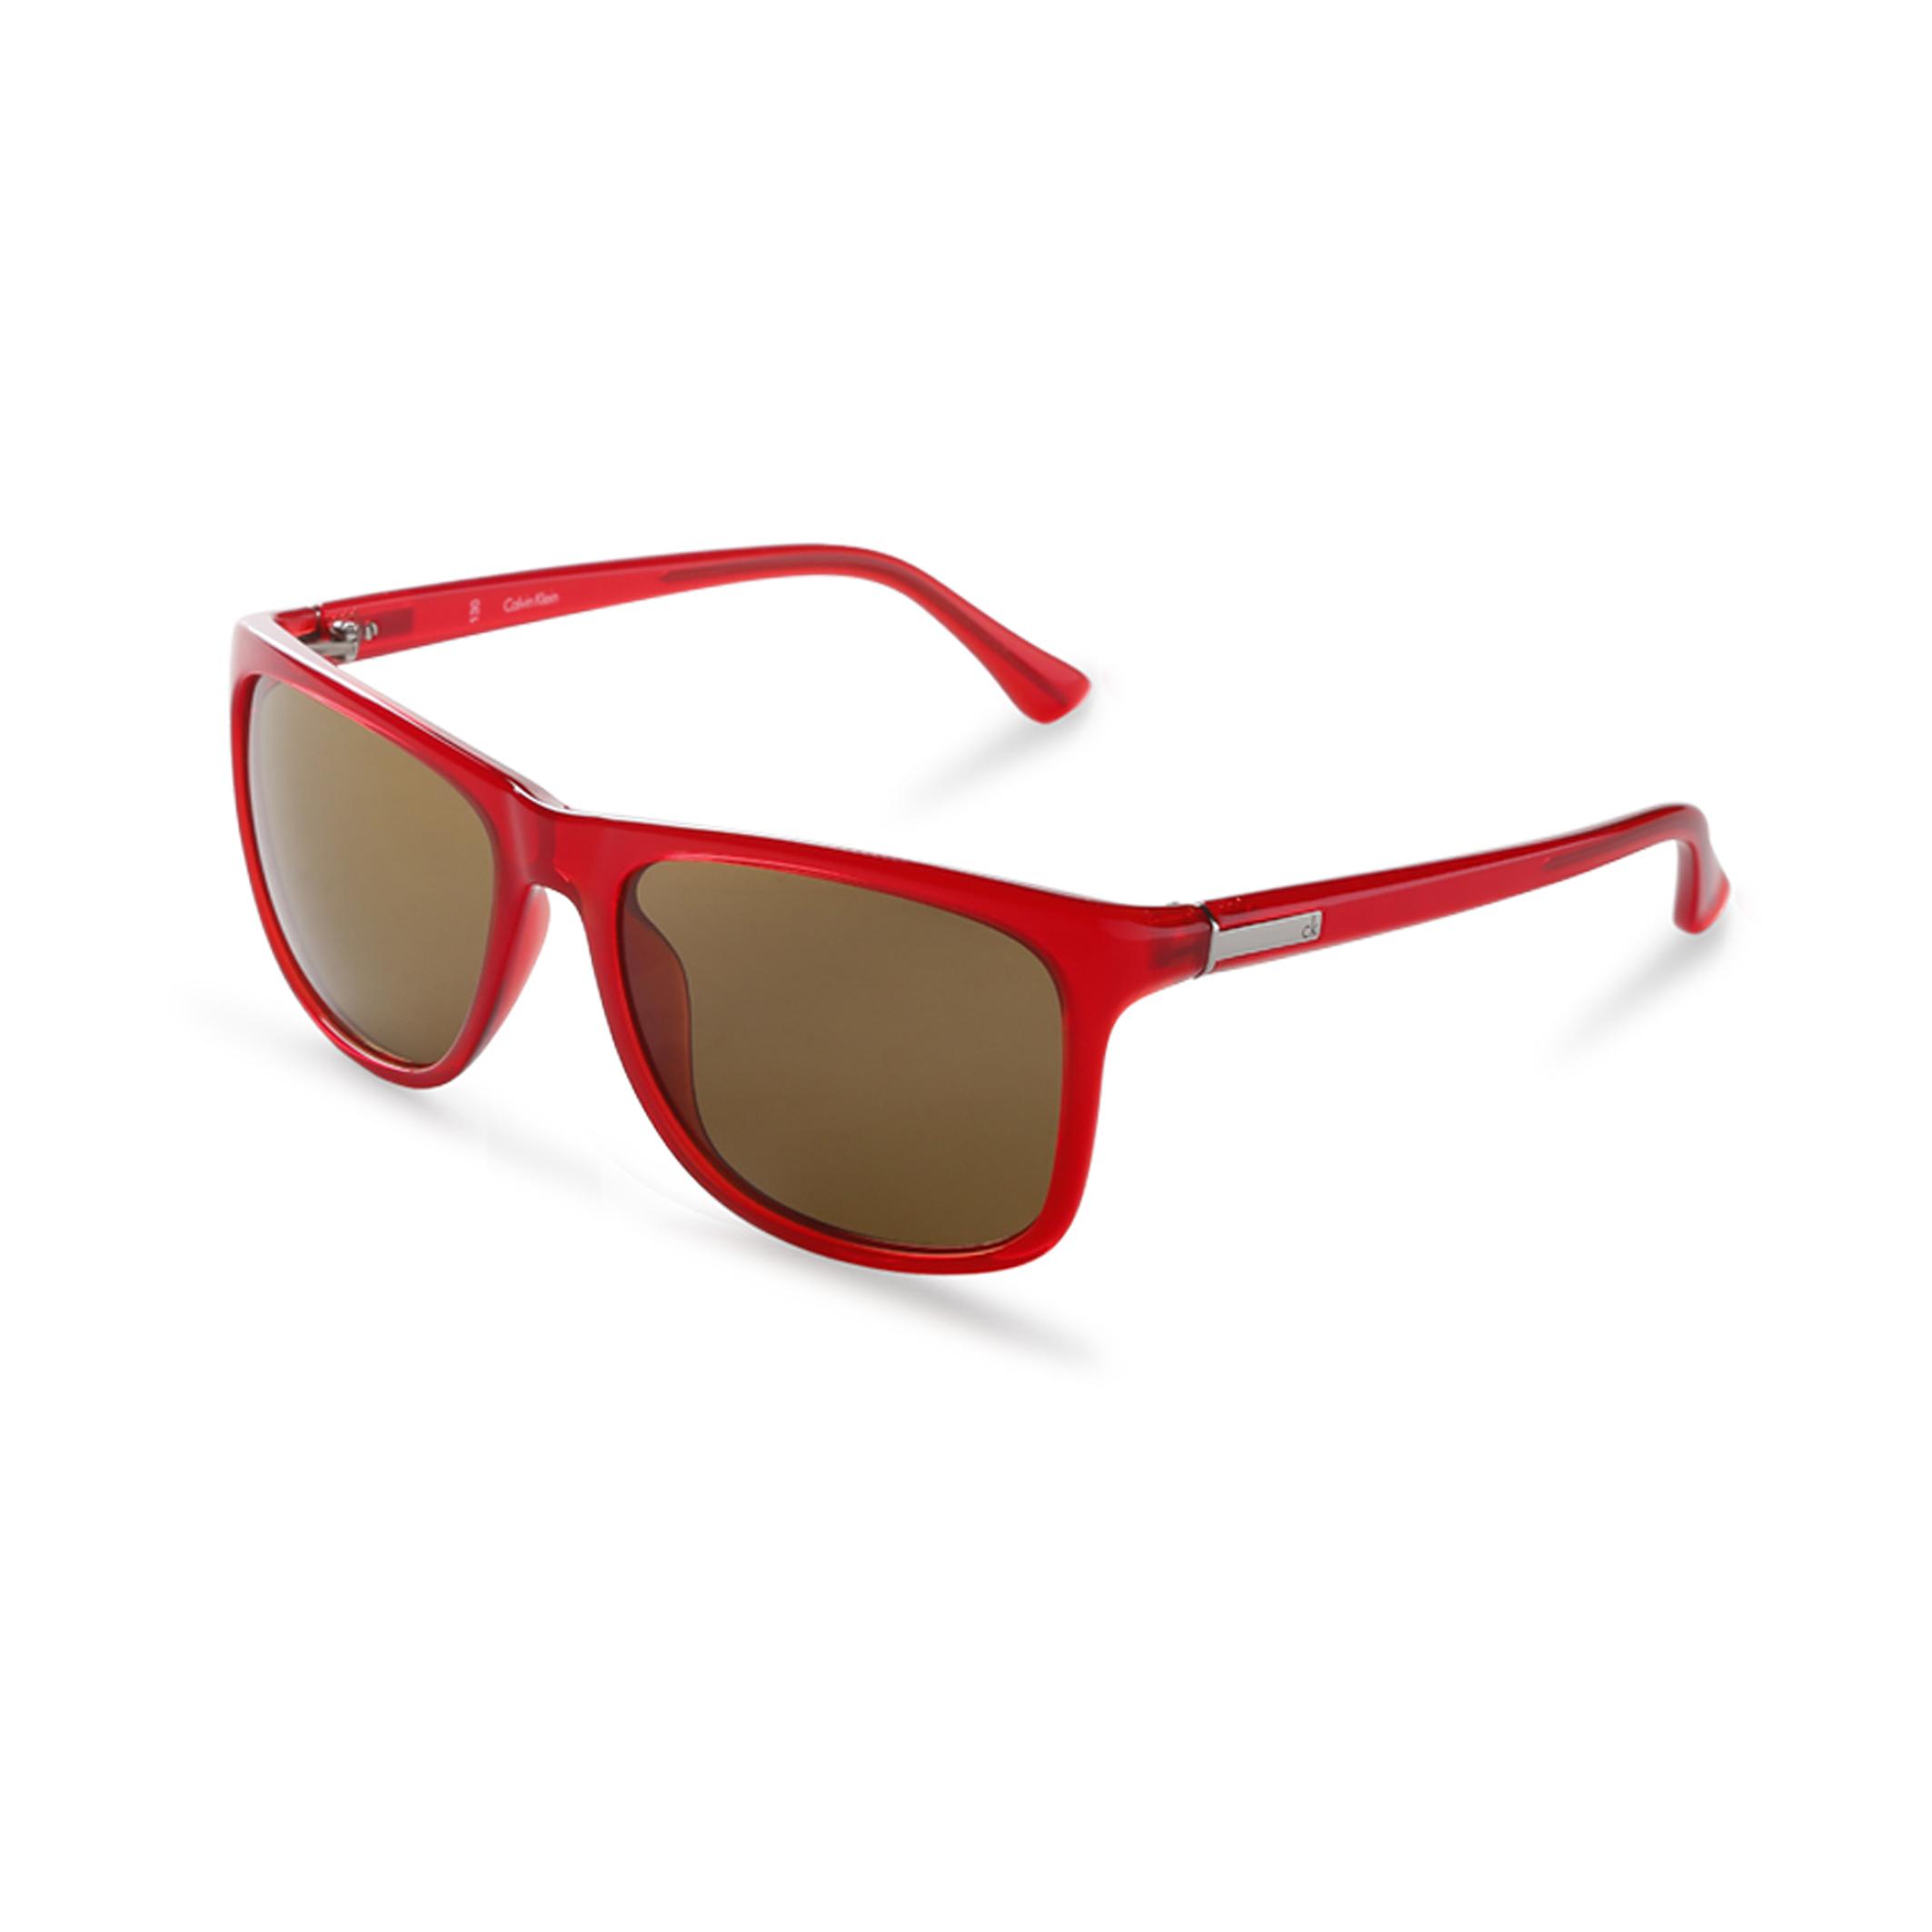 Sluneční brýle Calvin Klein - Glami.cz 6a7de60a2f